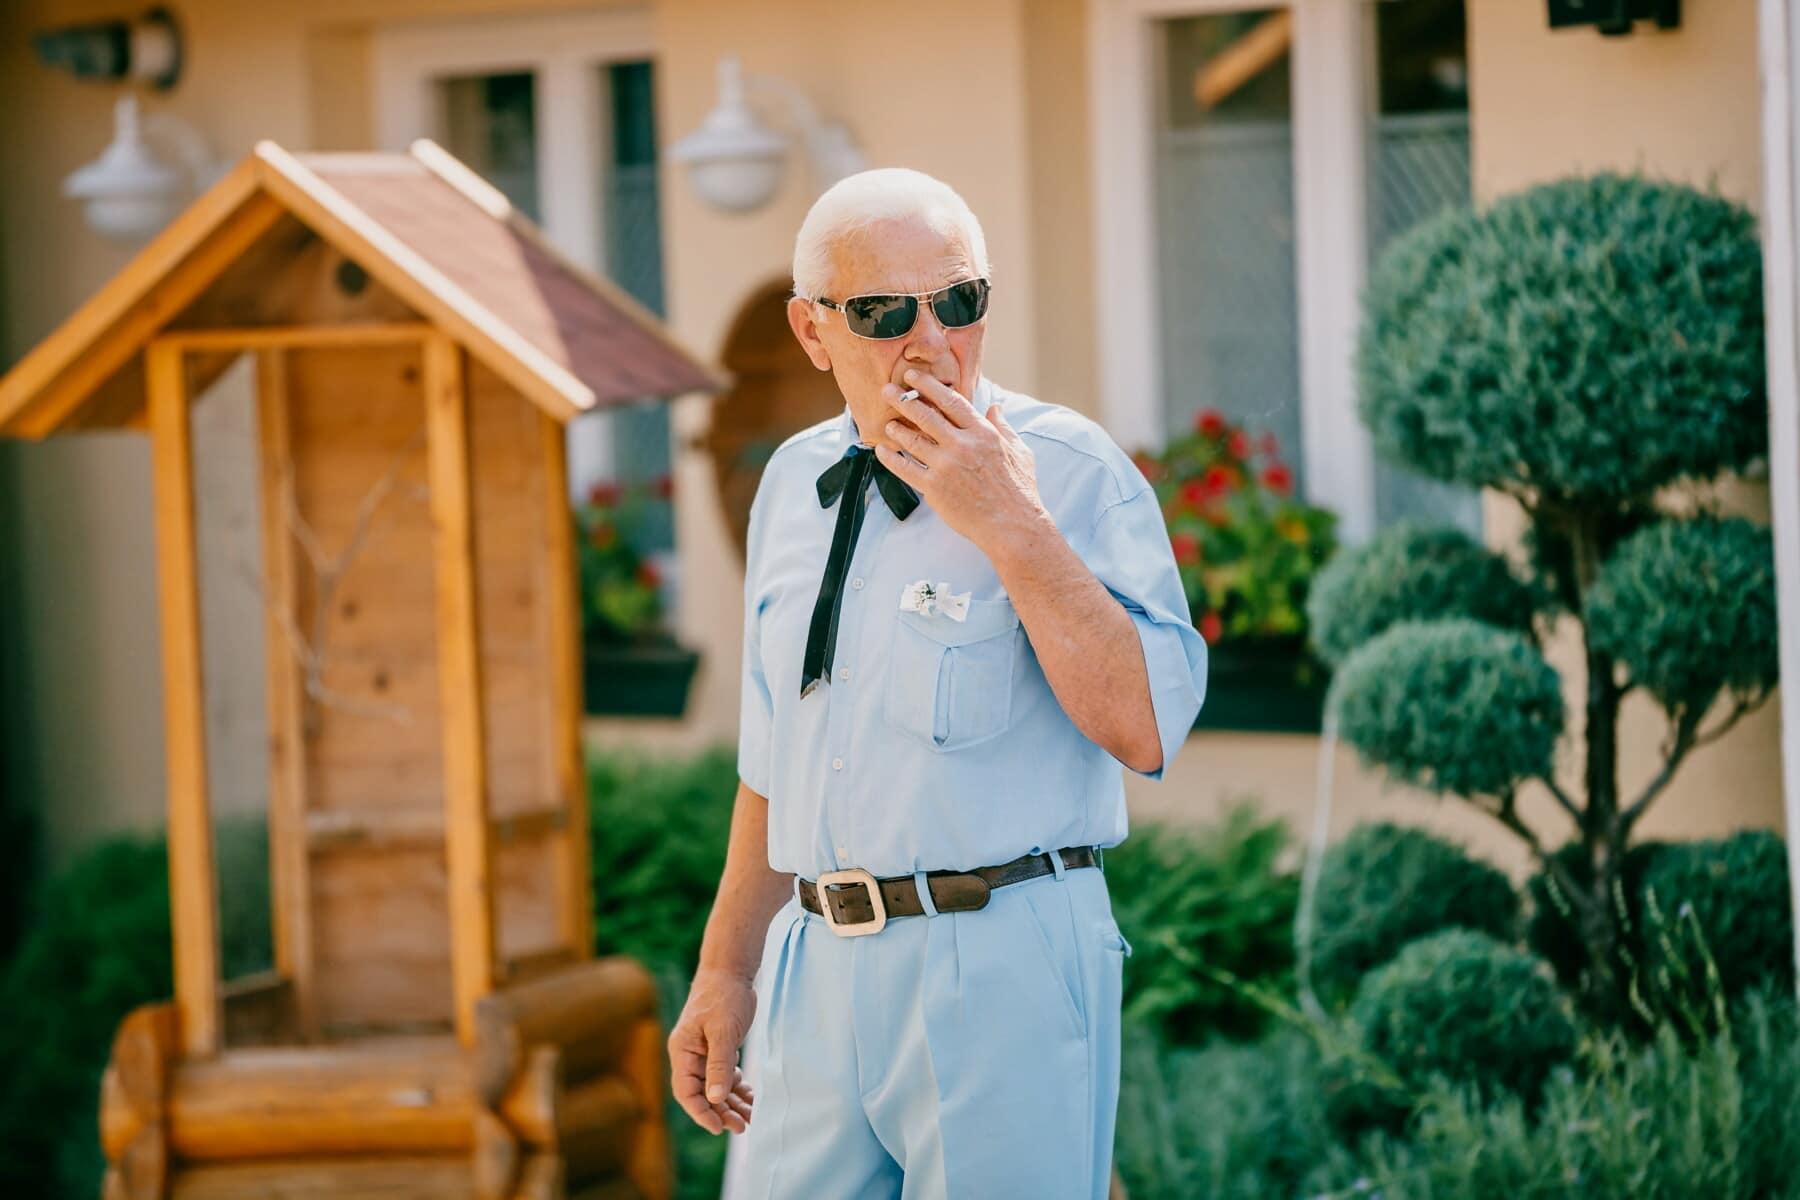 Mann, ältere Menschen, Zigarette, Mode, Geschäftsmann, Lebensstil, Menschen, im freien, Freizeit, Entspannung